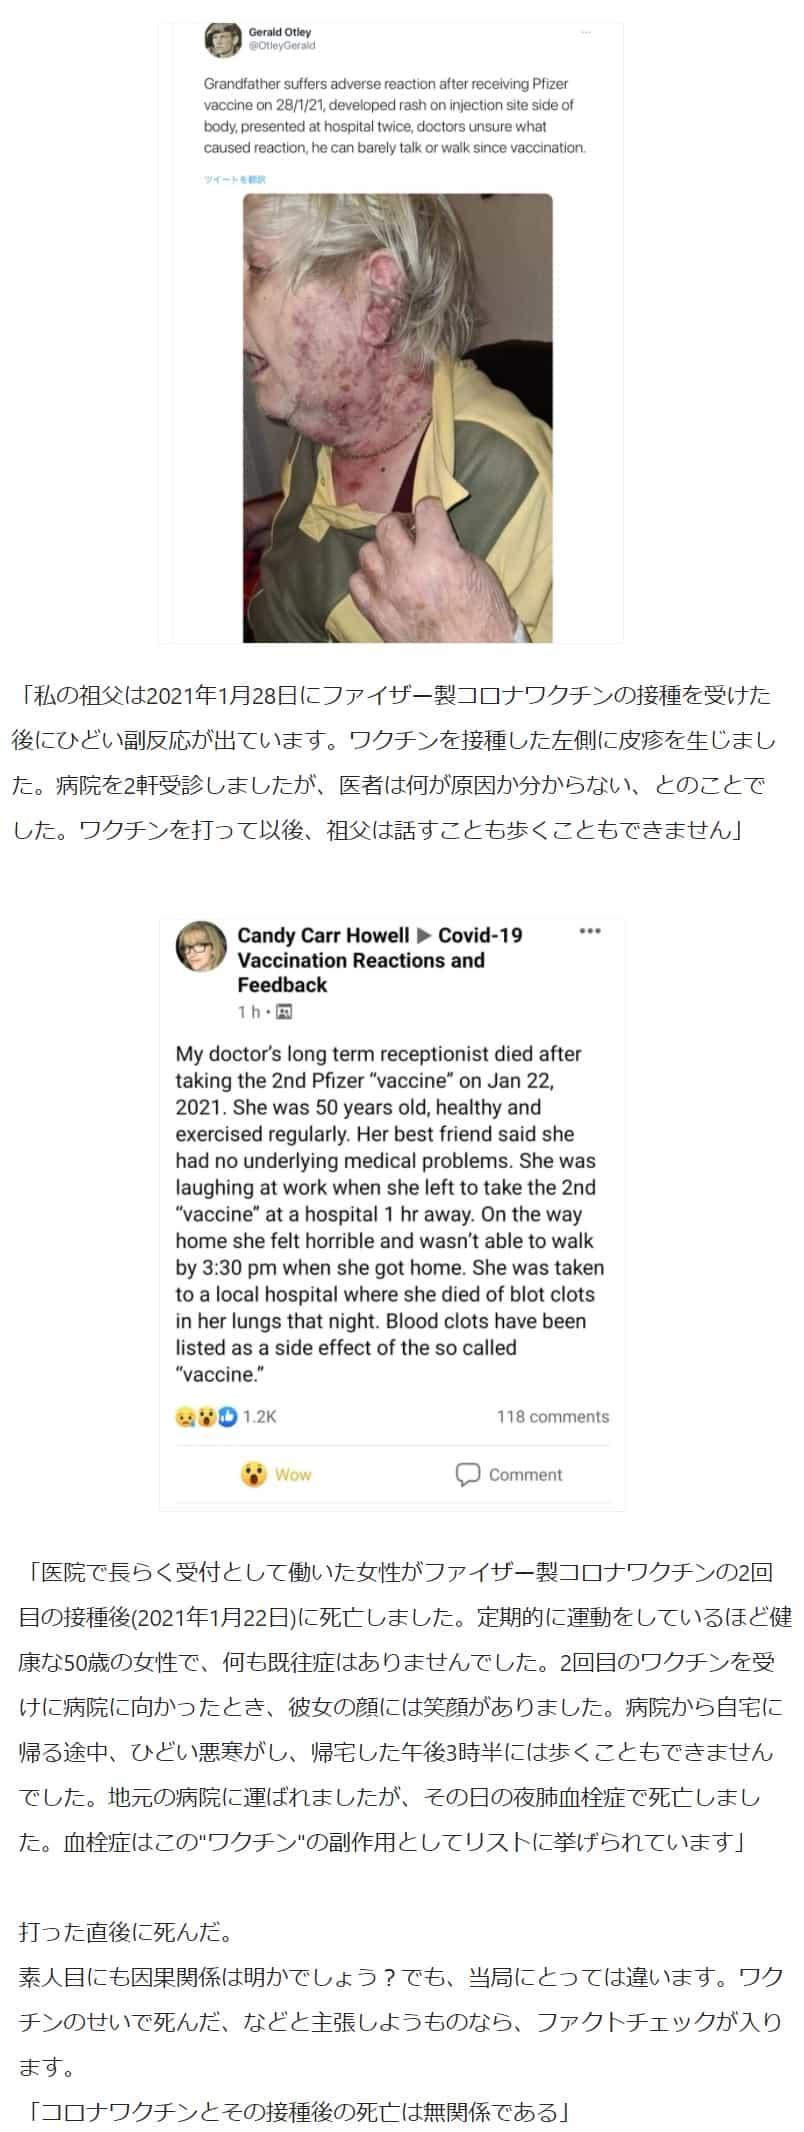 【人体実験】コロナワクチン副作用報告 ~その9~